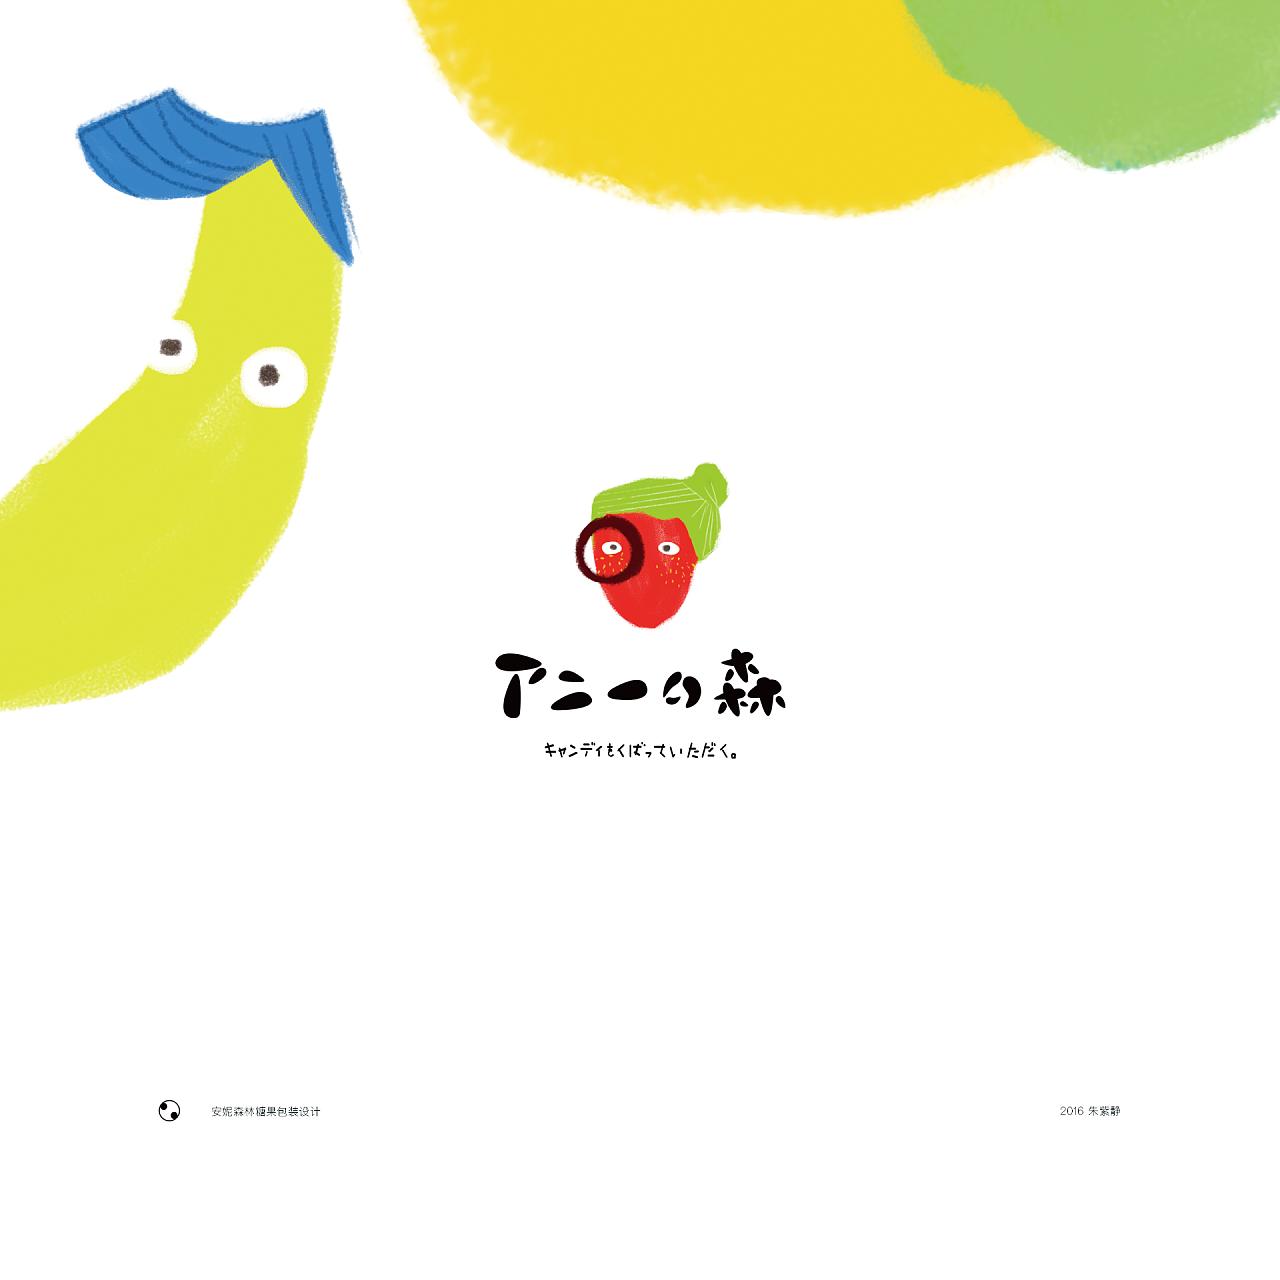 通过图形插画,以及一些团案表情完成的糖果图片